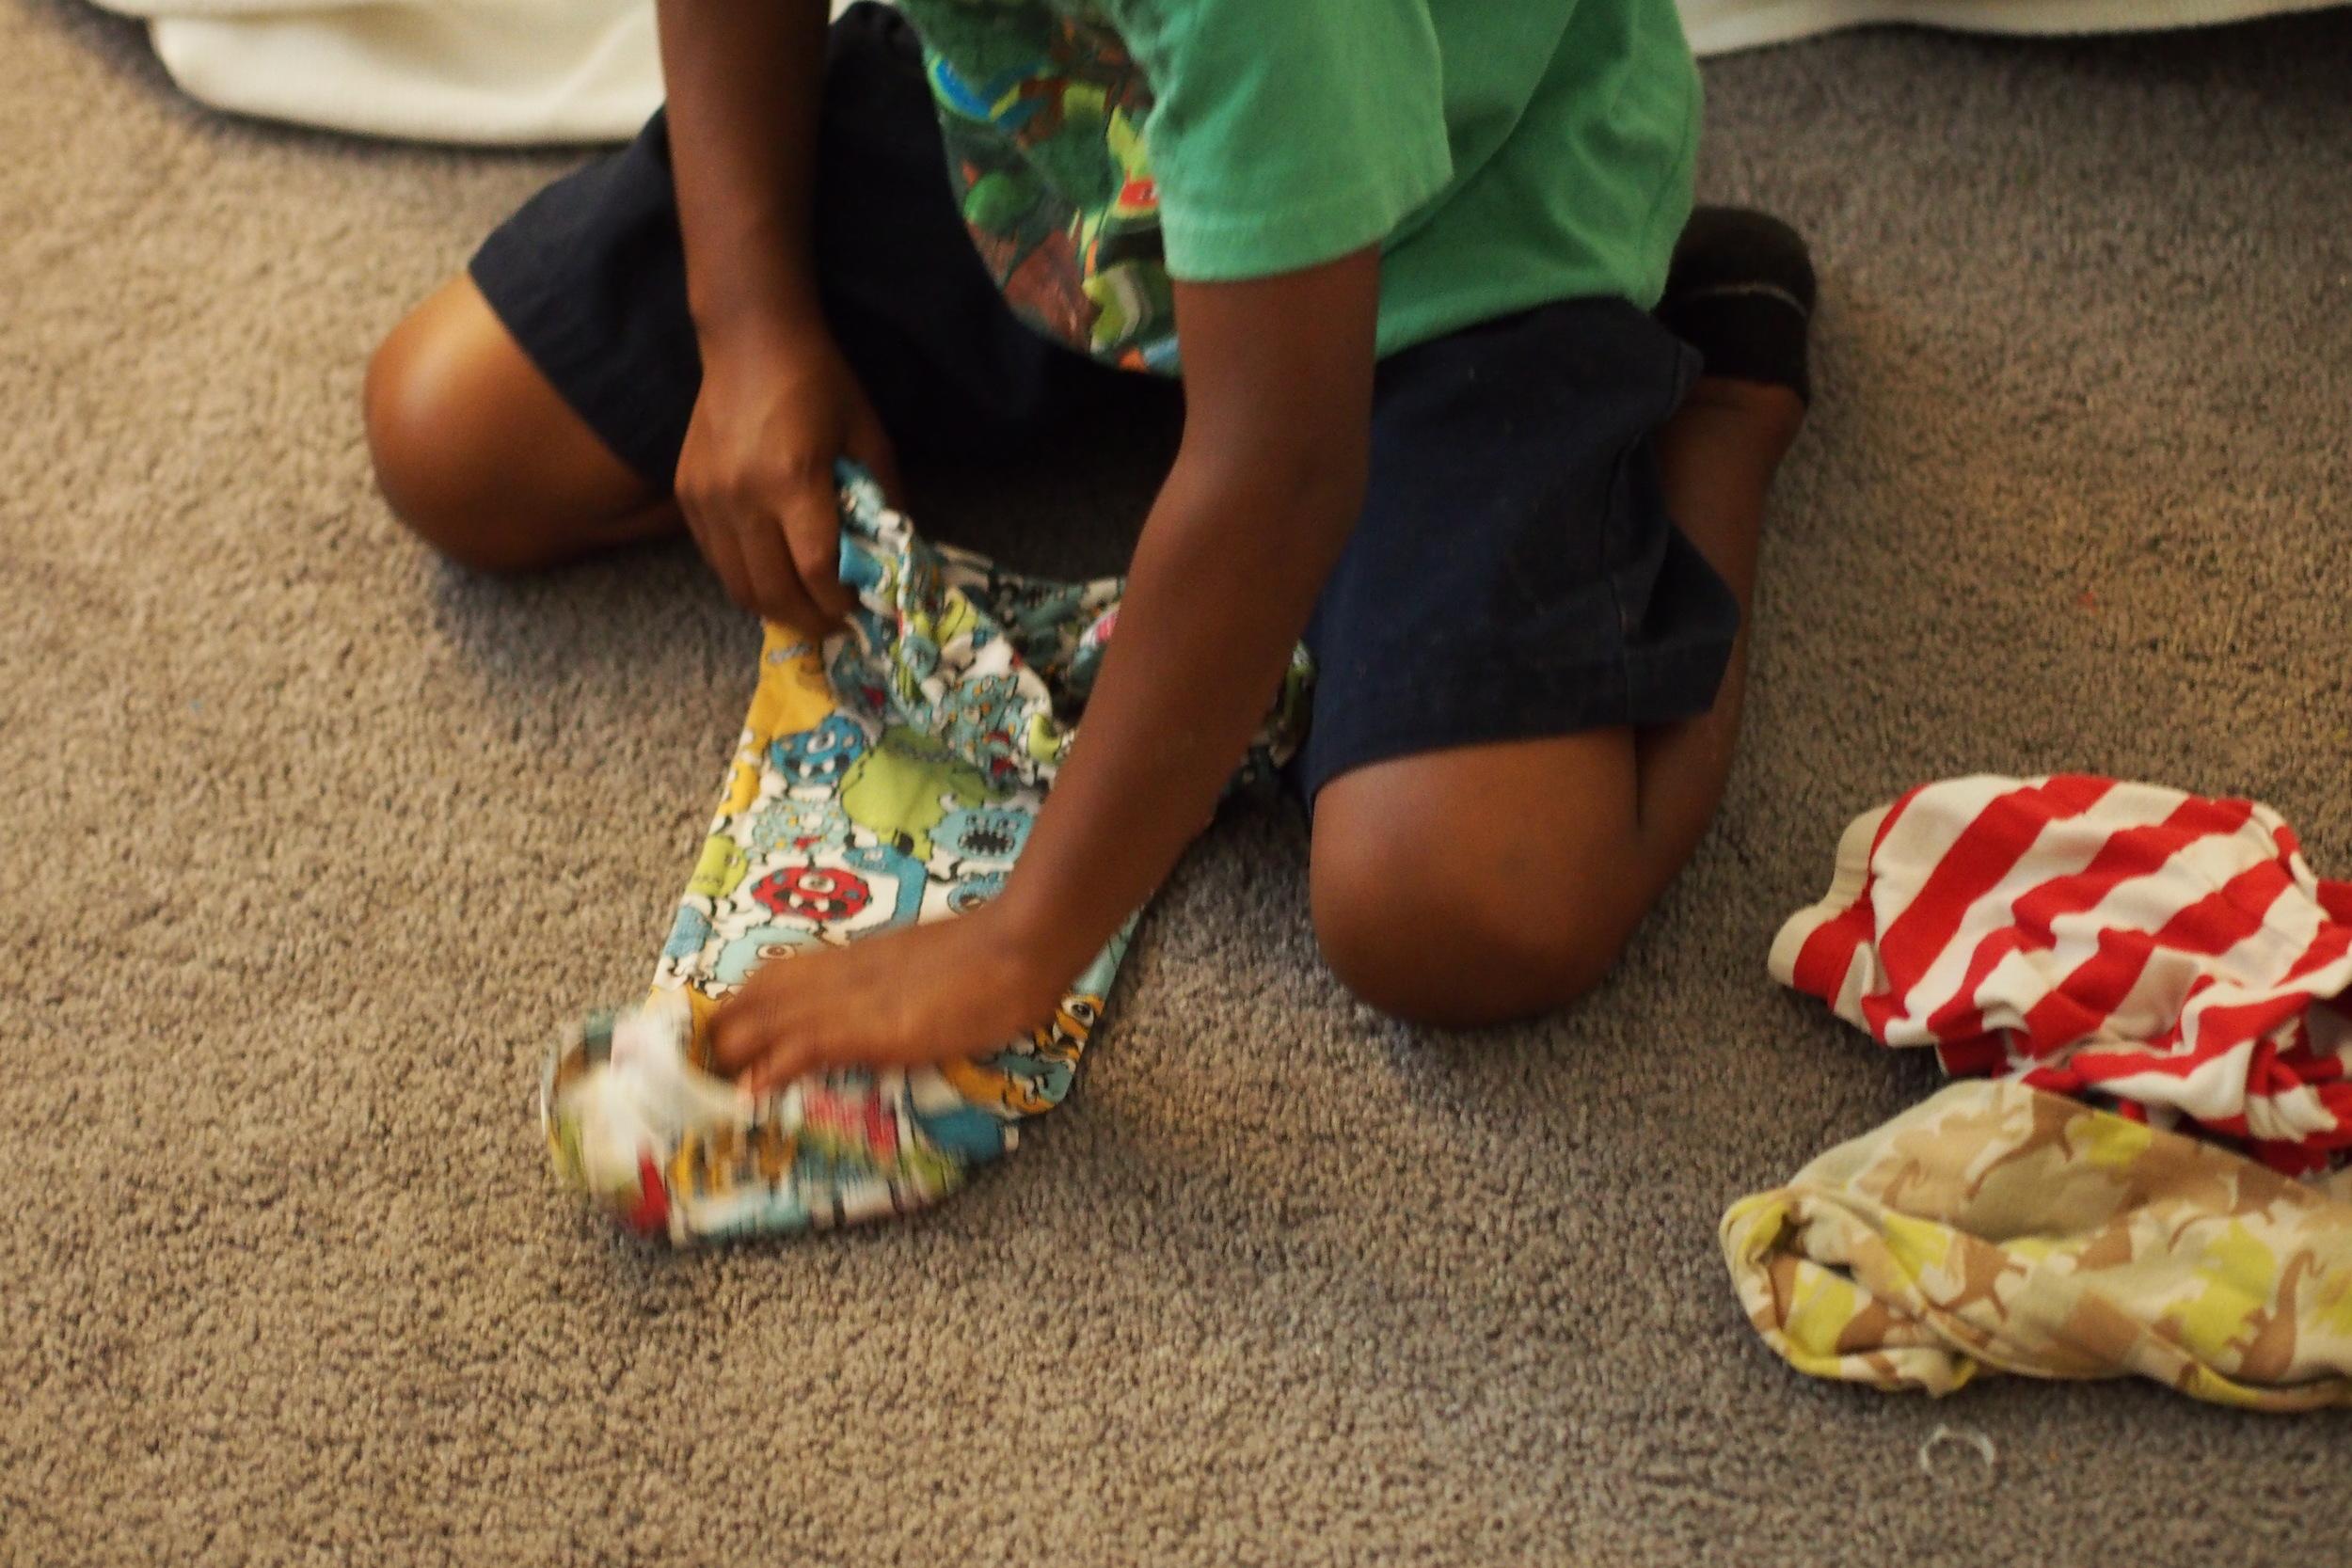 child folding clothing